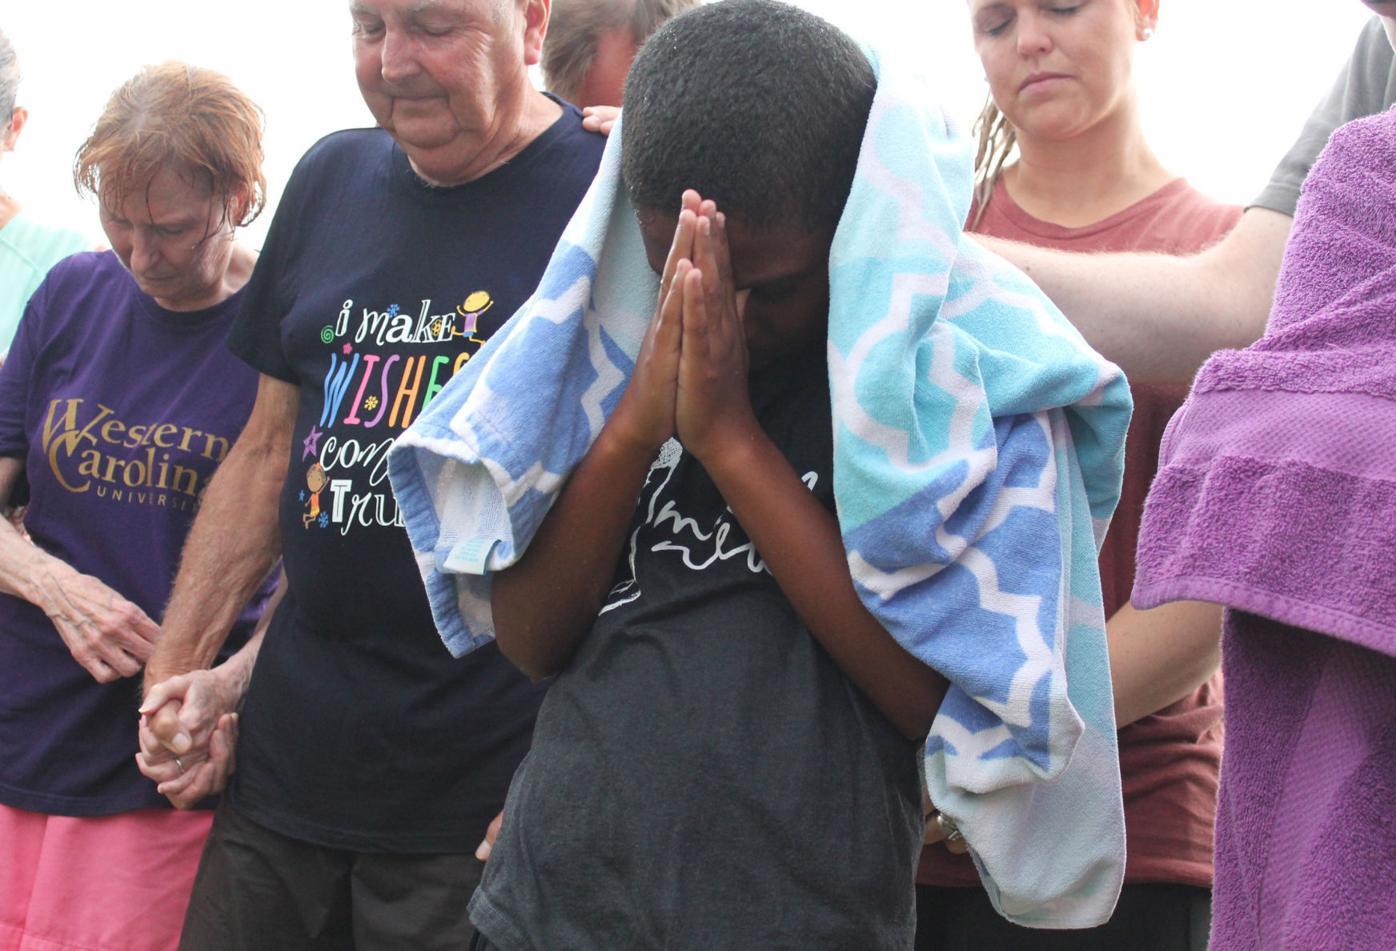 Baptisms show 'faith in action'